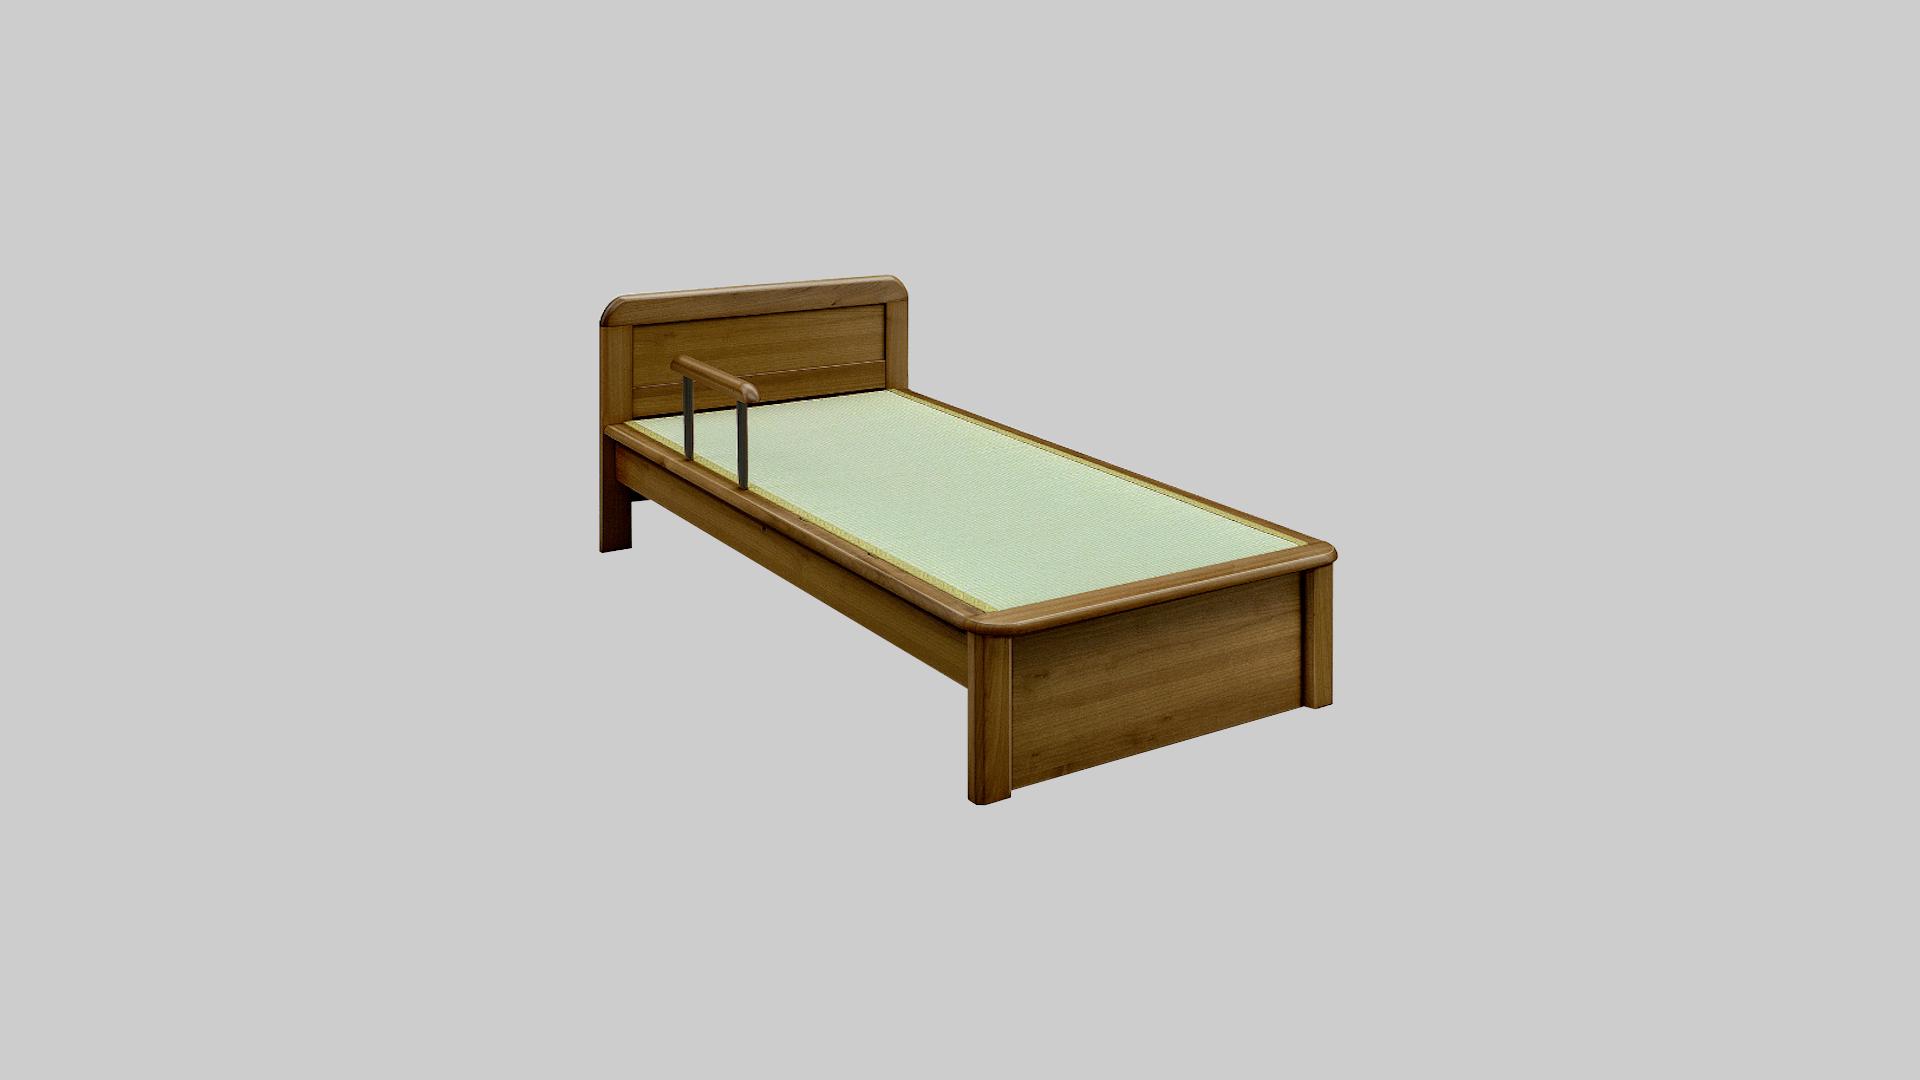 木製ベット12 イメージ